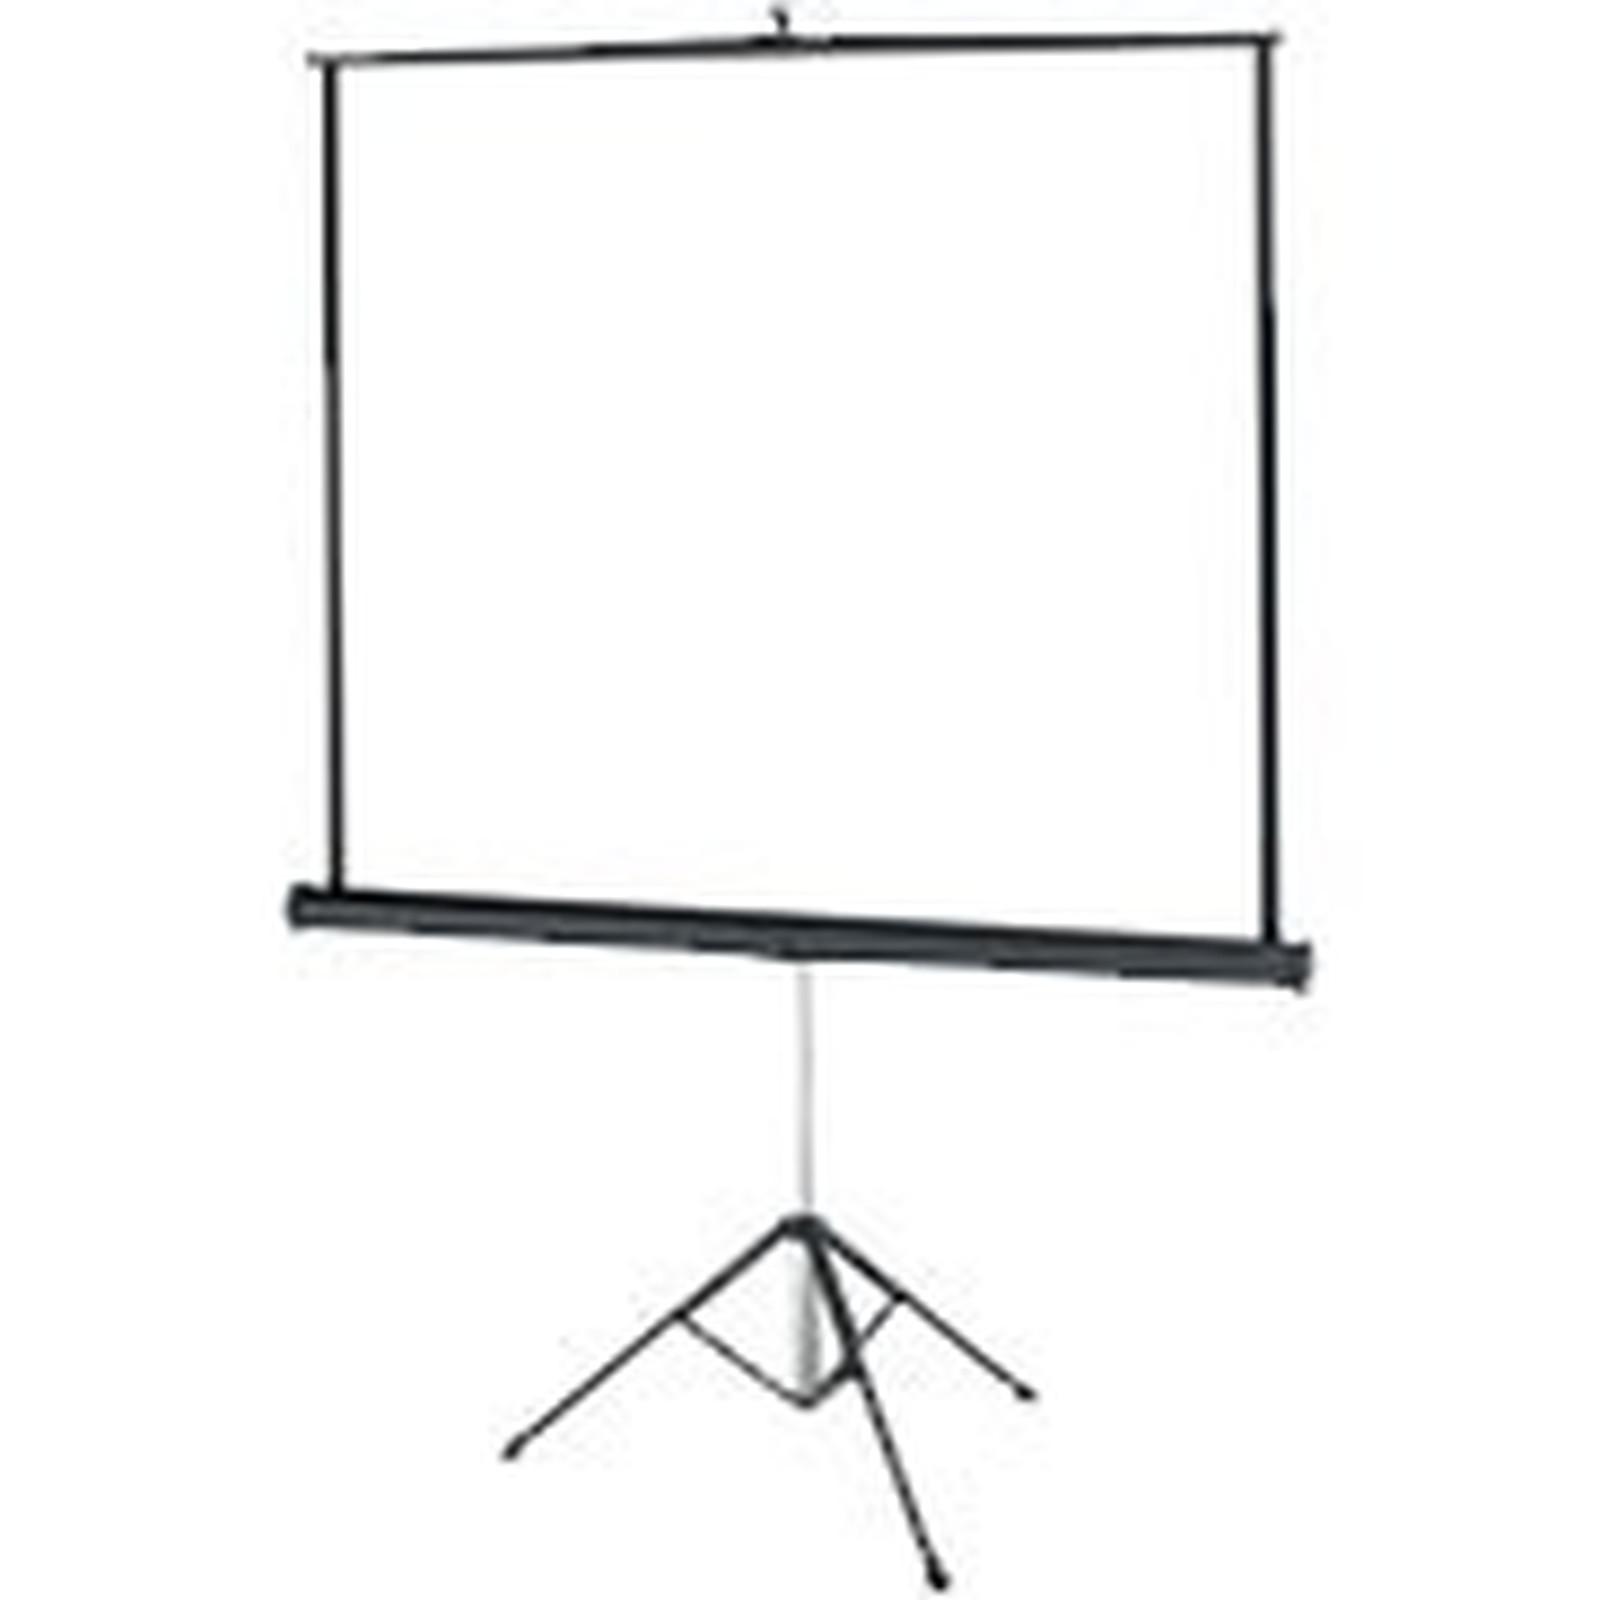 Procolor STAR - Ecran trépied - Format 1:1 - 219 x 219 cm